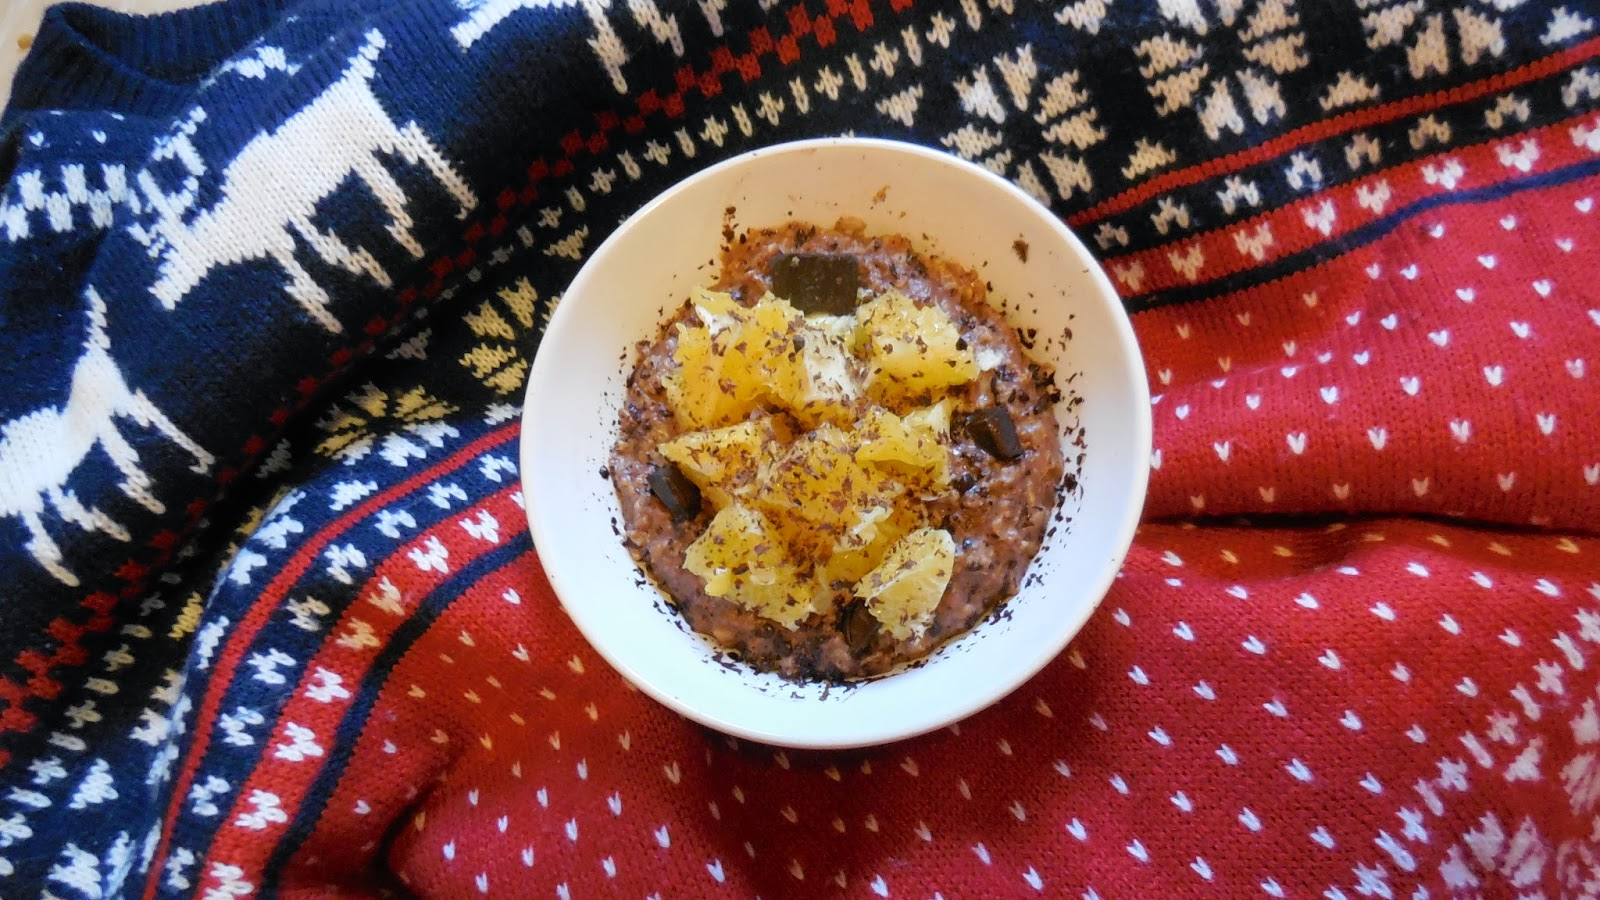 http://sniadania-leniwca.blogspot.com/2014/12/14-mikoajki-i-wspolne-czekoladowe.html#comment-form